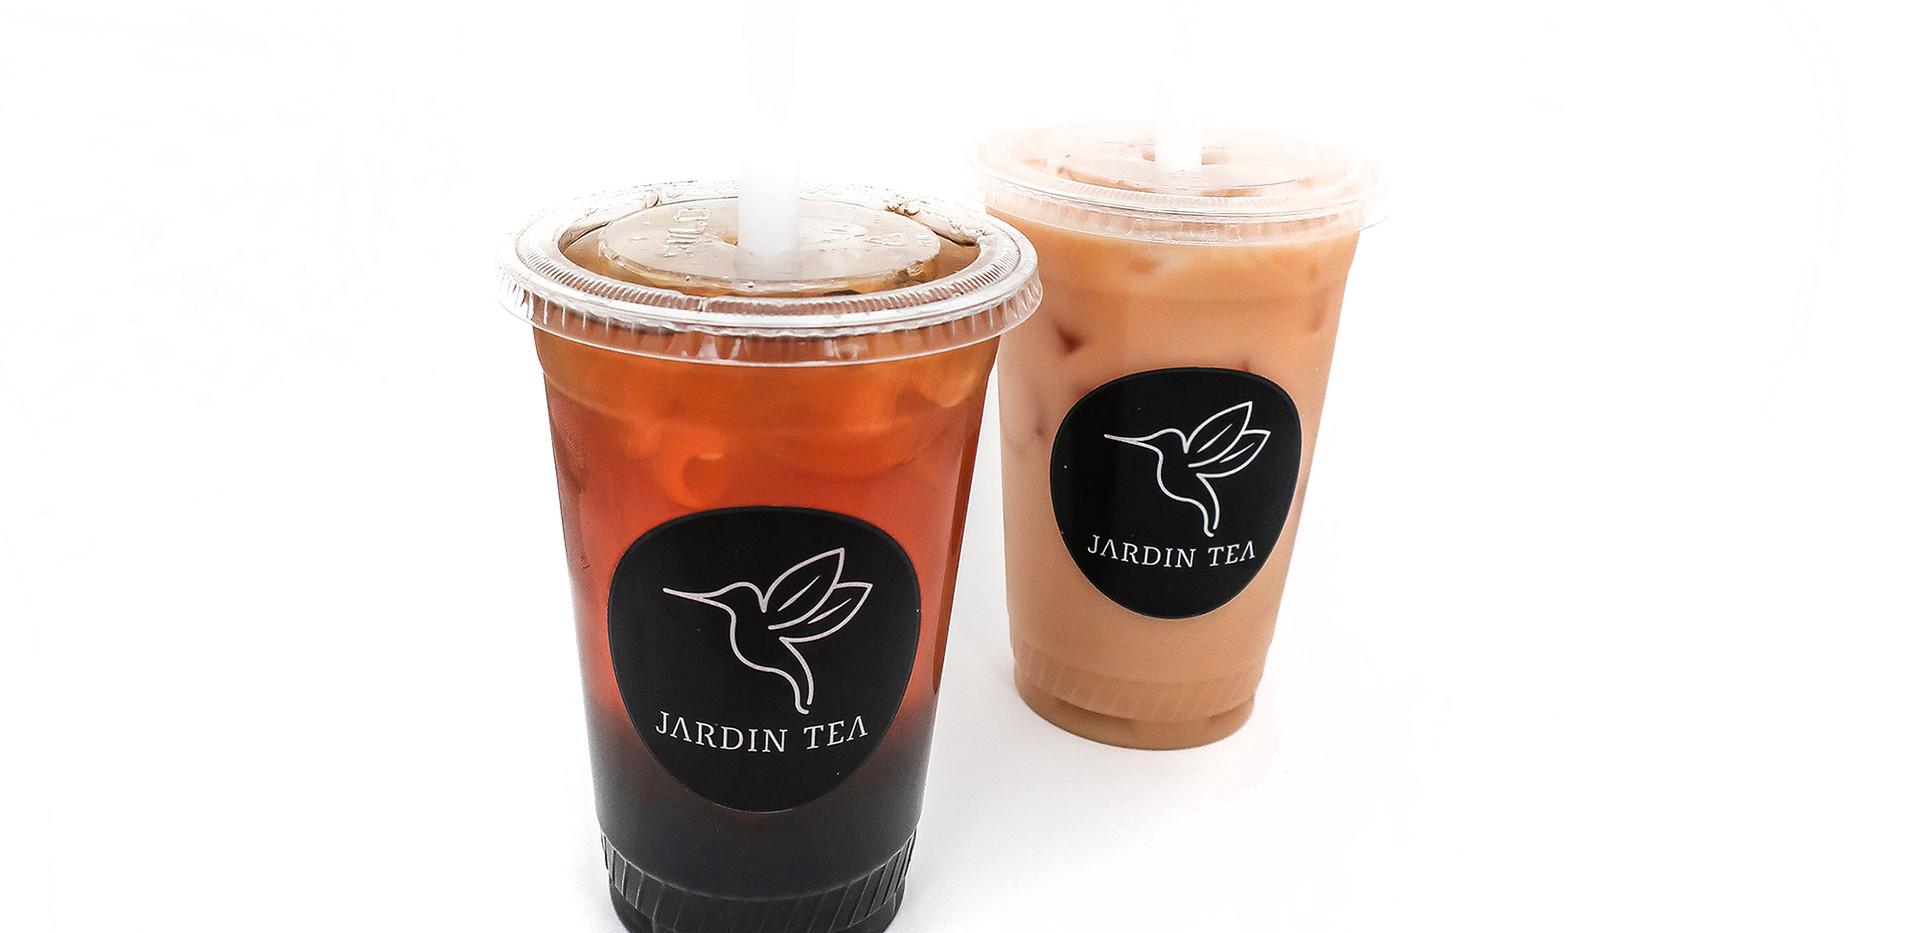 Jardin Tea Iced Tea Milk Tea Drinks